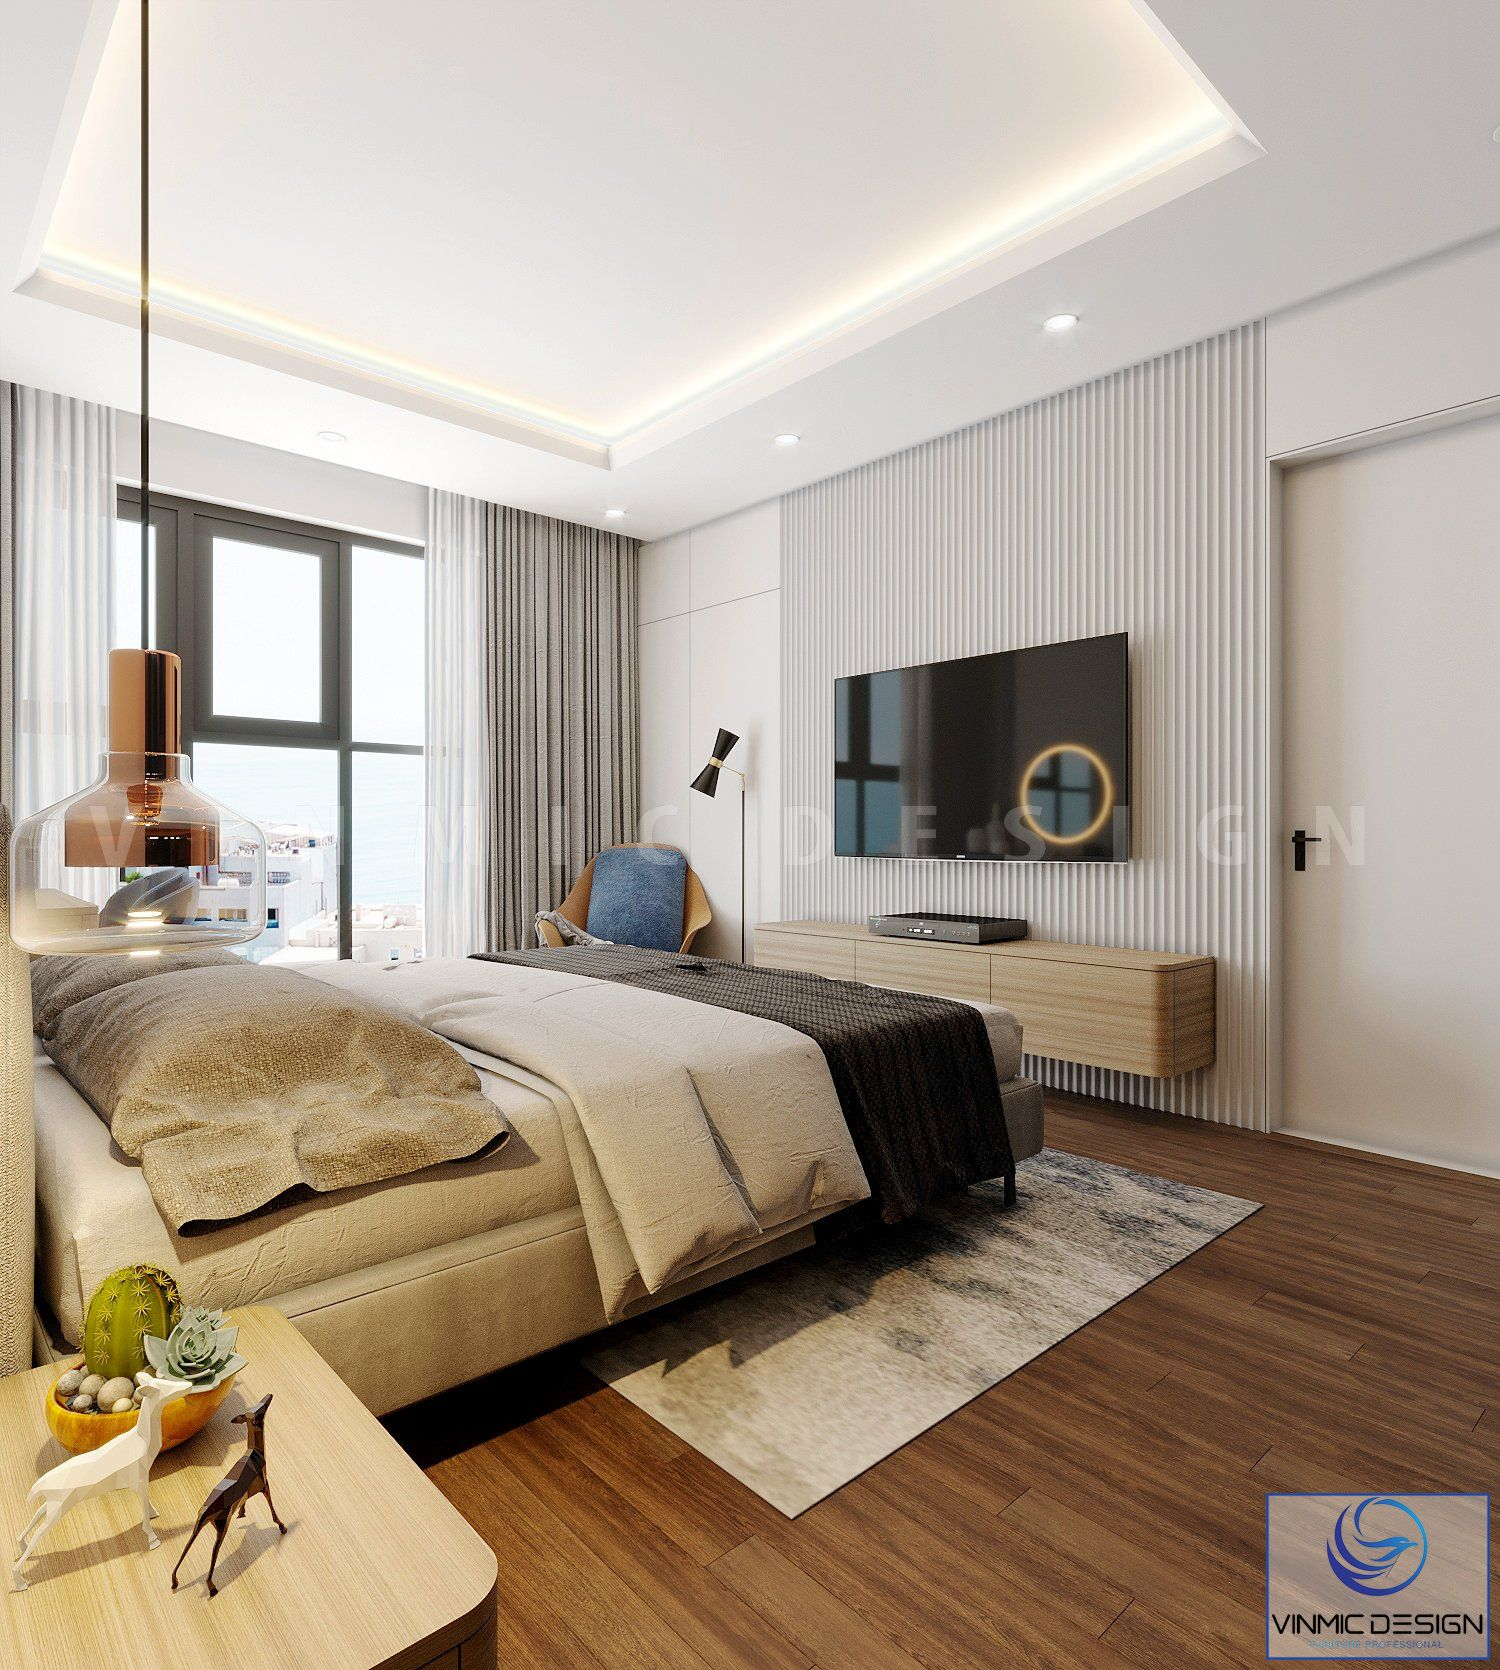 Phòng ngủ được sử dụng vật liệu gỗ công nghiệp